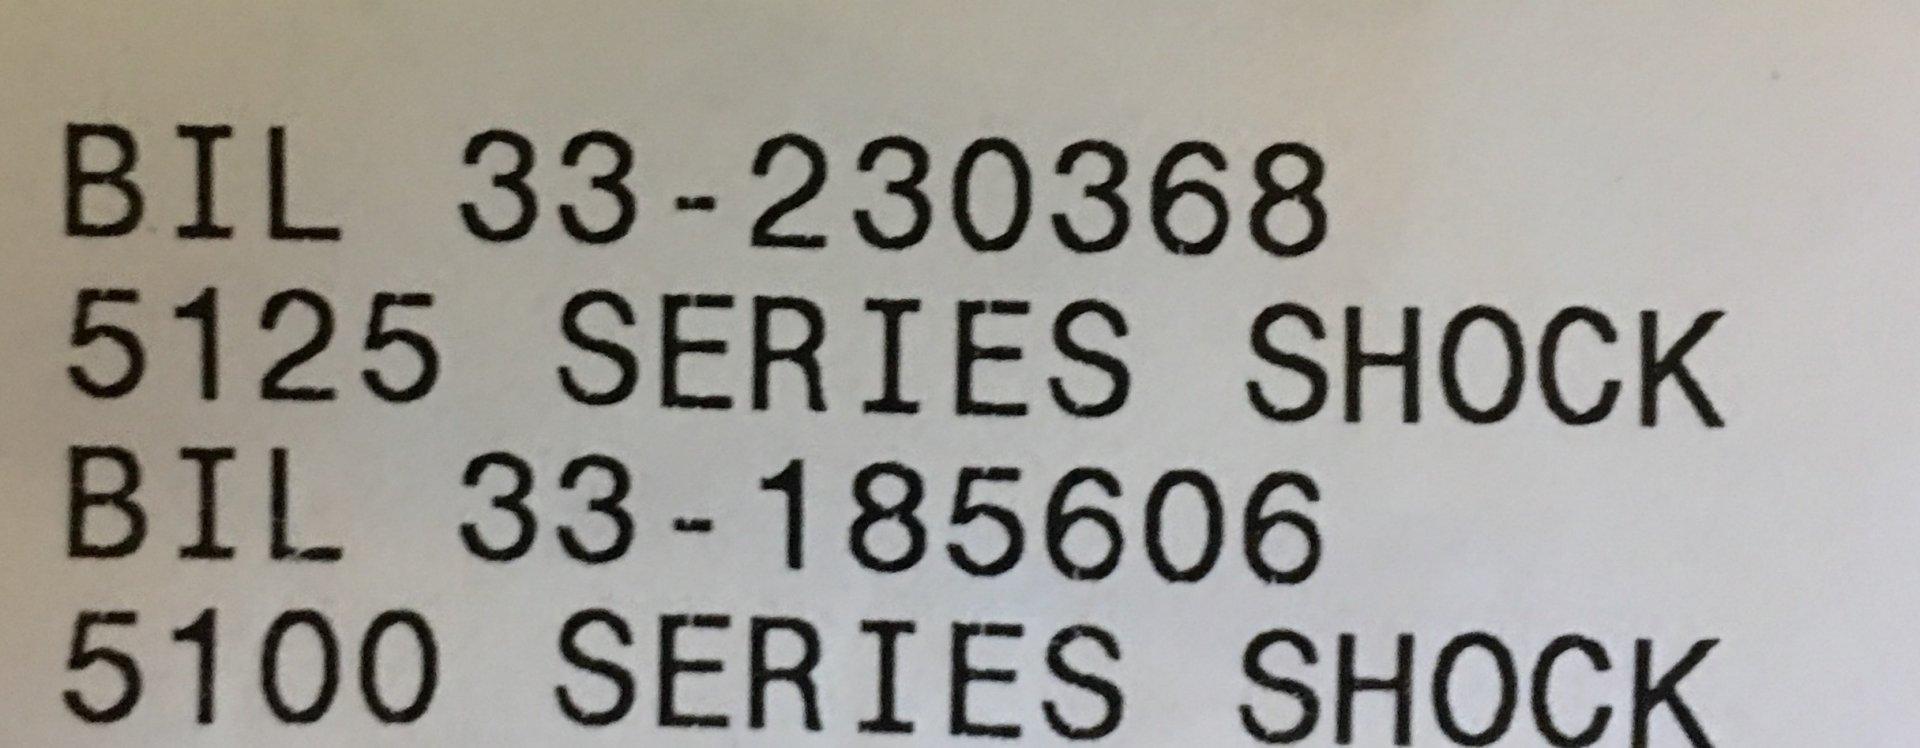 3DBB18DA-D86E-4766-AE2E-C698338D6812.jpeg